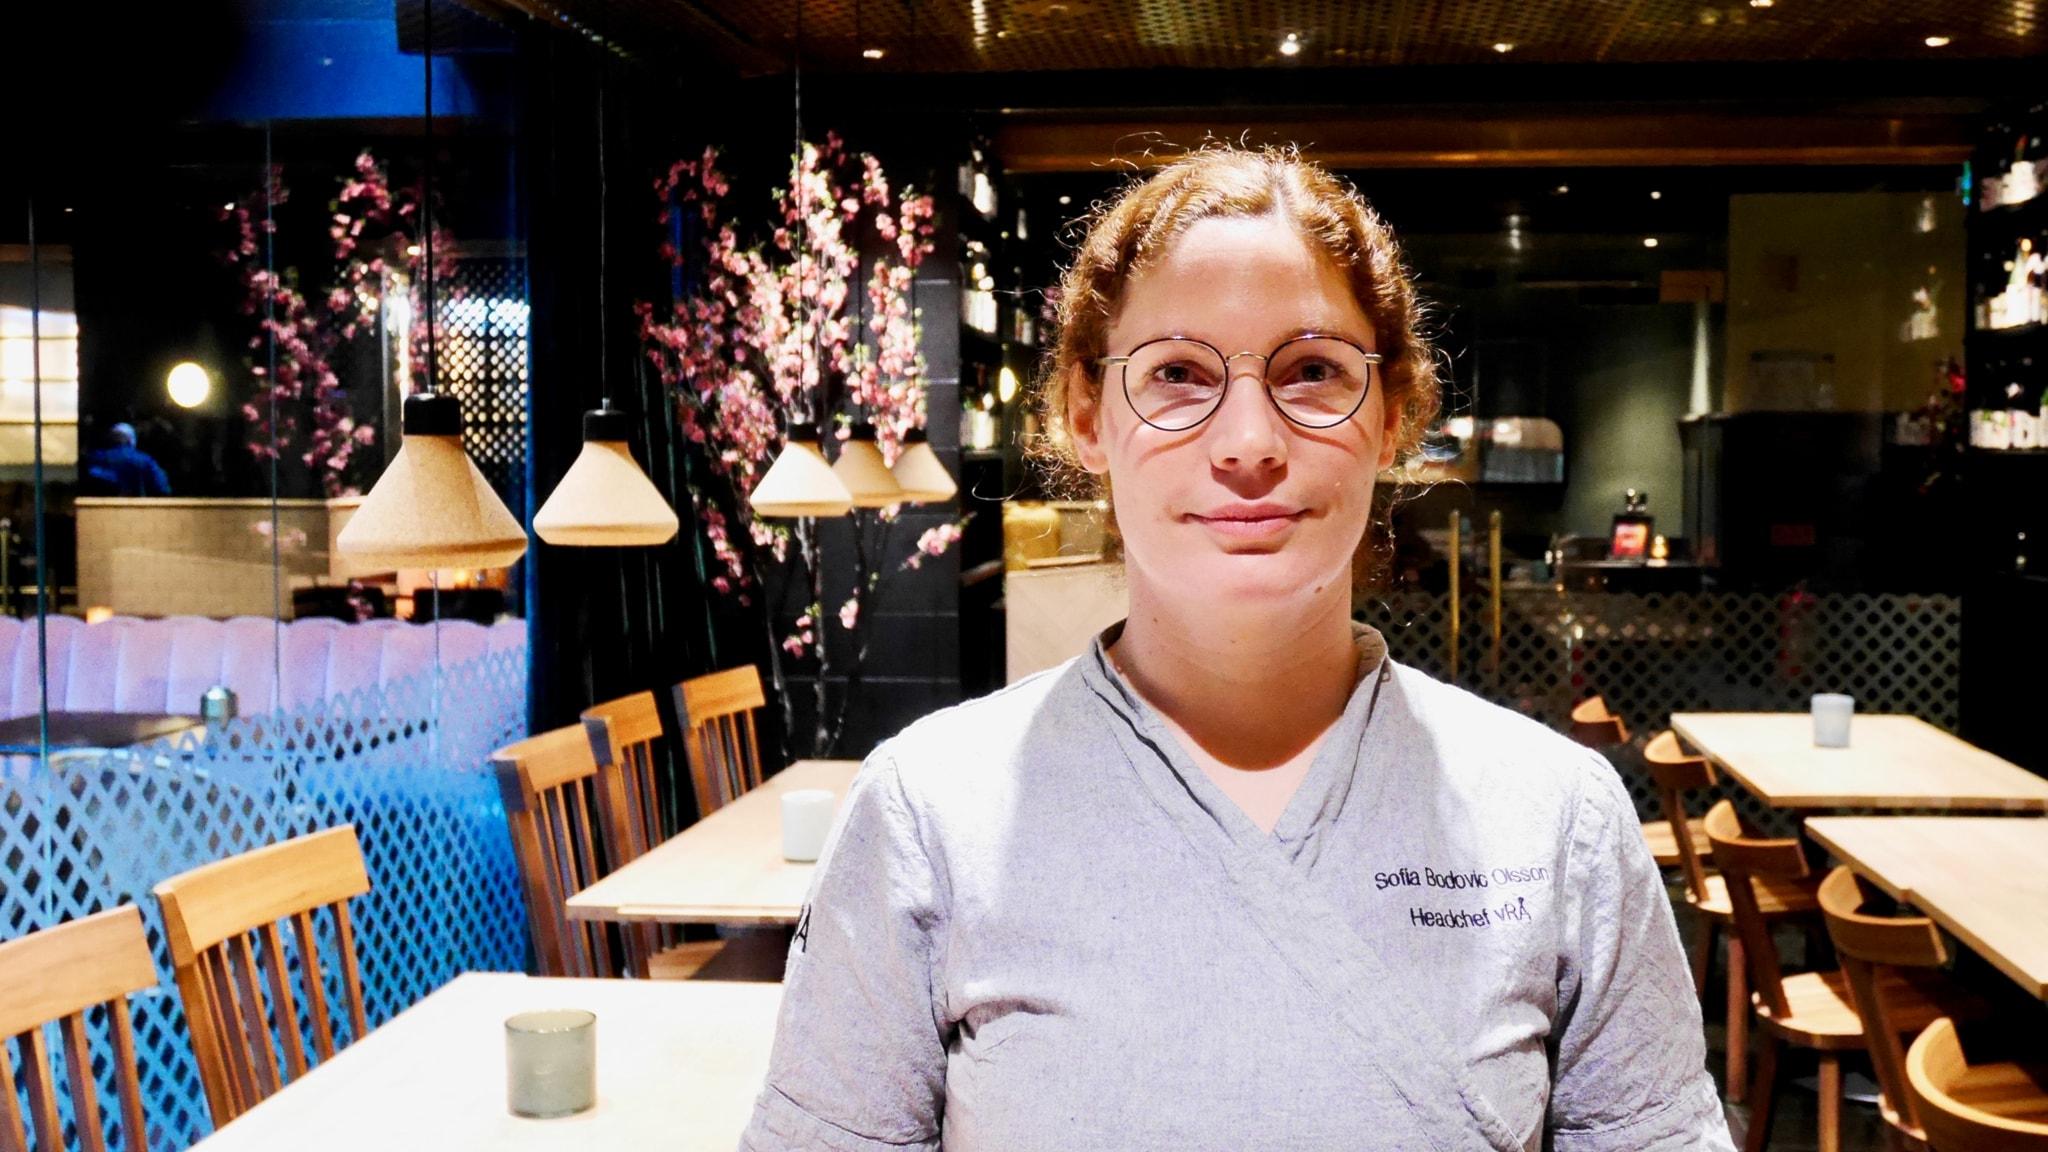 Grabbigt, sexistiskt och slitigt. Men nu förändras restaurangköken.